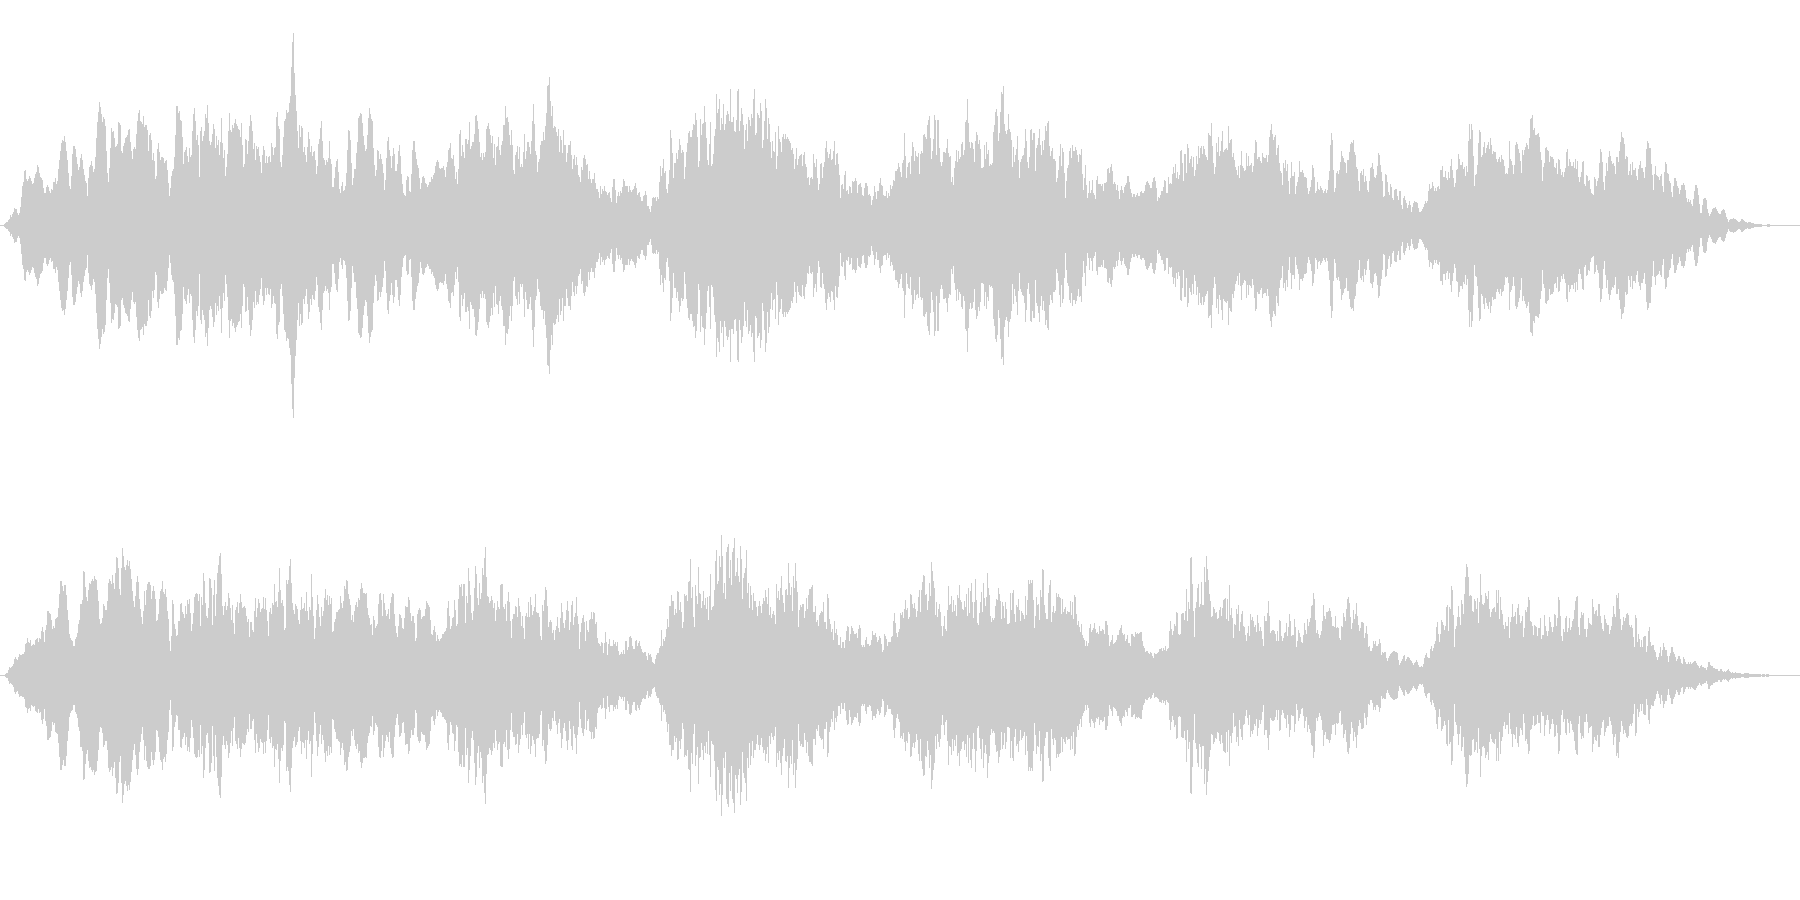 エスノムード満載アンビエントな笛の音楽の未再生の波形